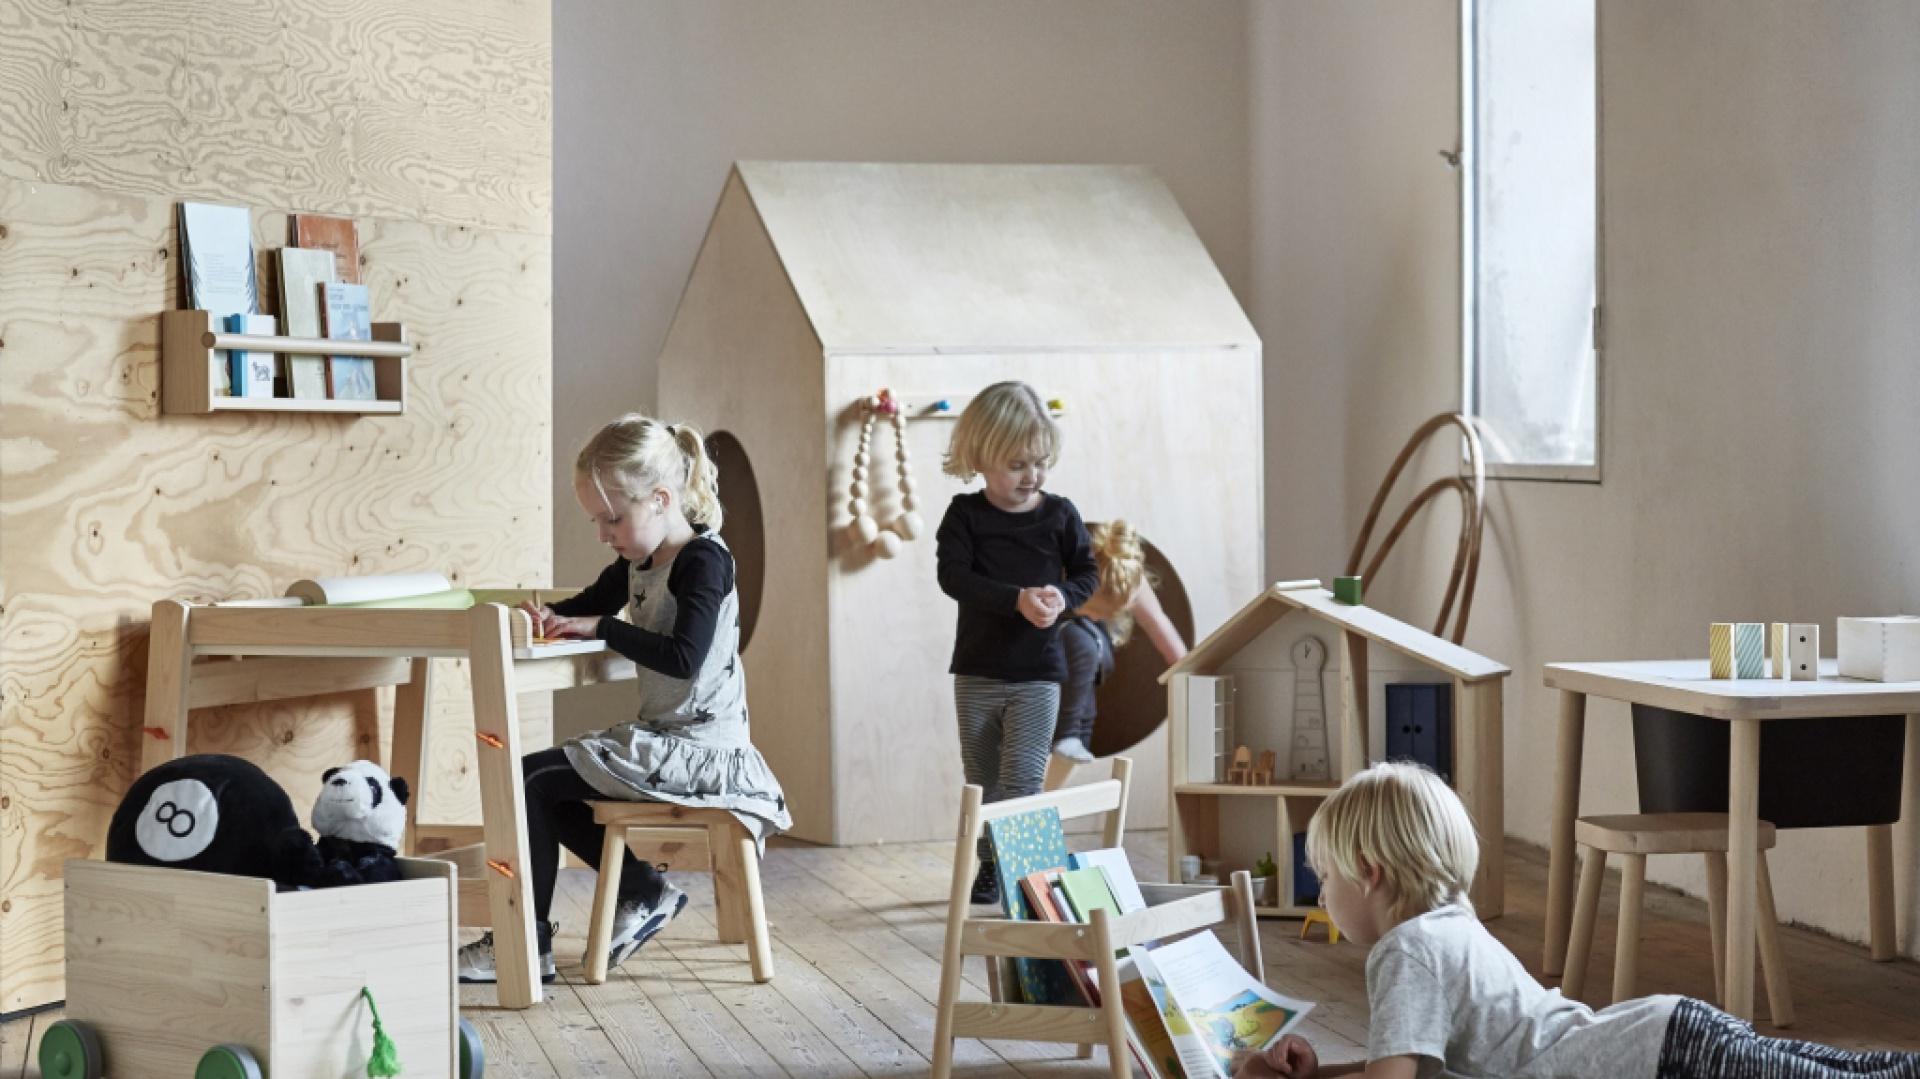 Kwietniowe nowości z asortymentu IKEA do pokoju dziecka. Fot. materiały prasowe